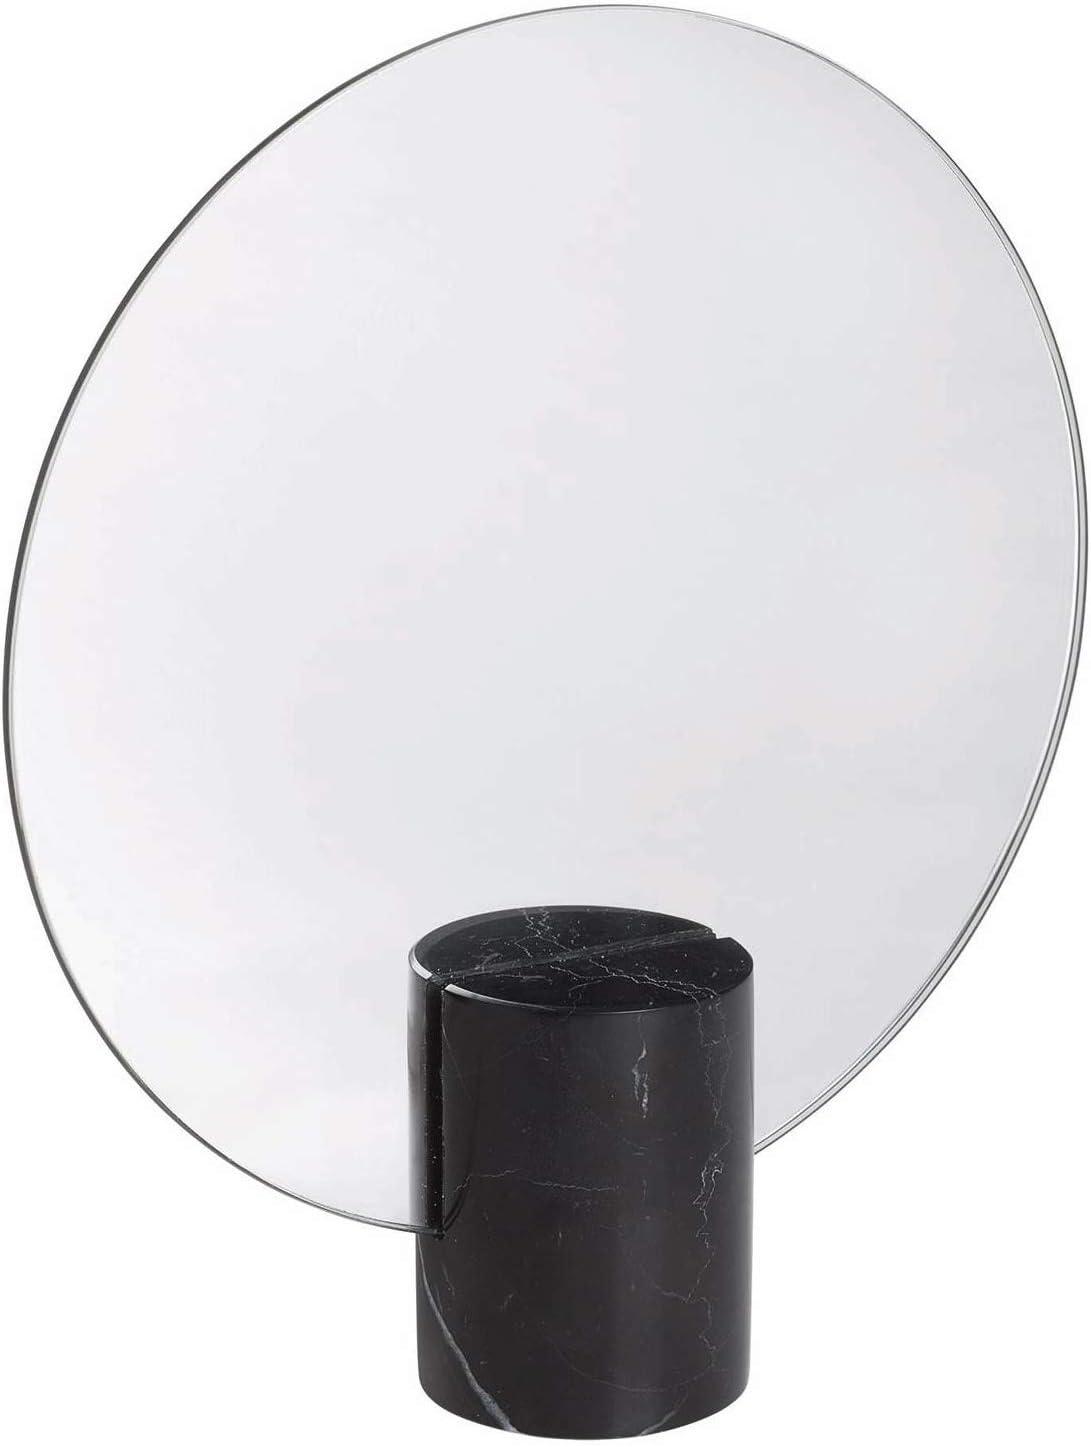 Blomus Tischspiegel-65999 Marmor Tischspiegel Schwarz One Size